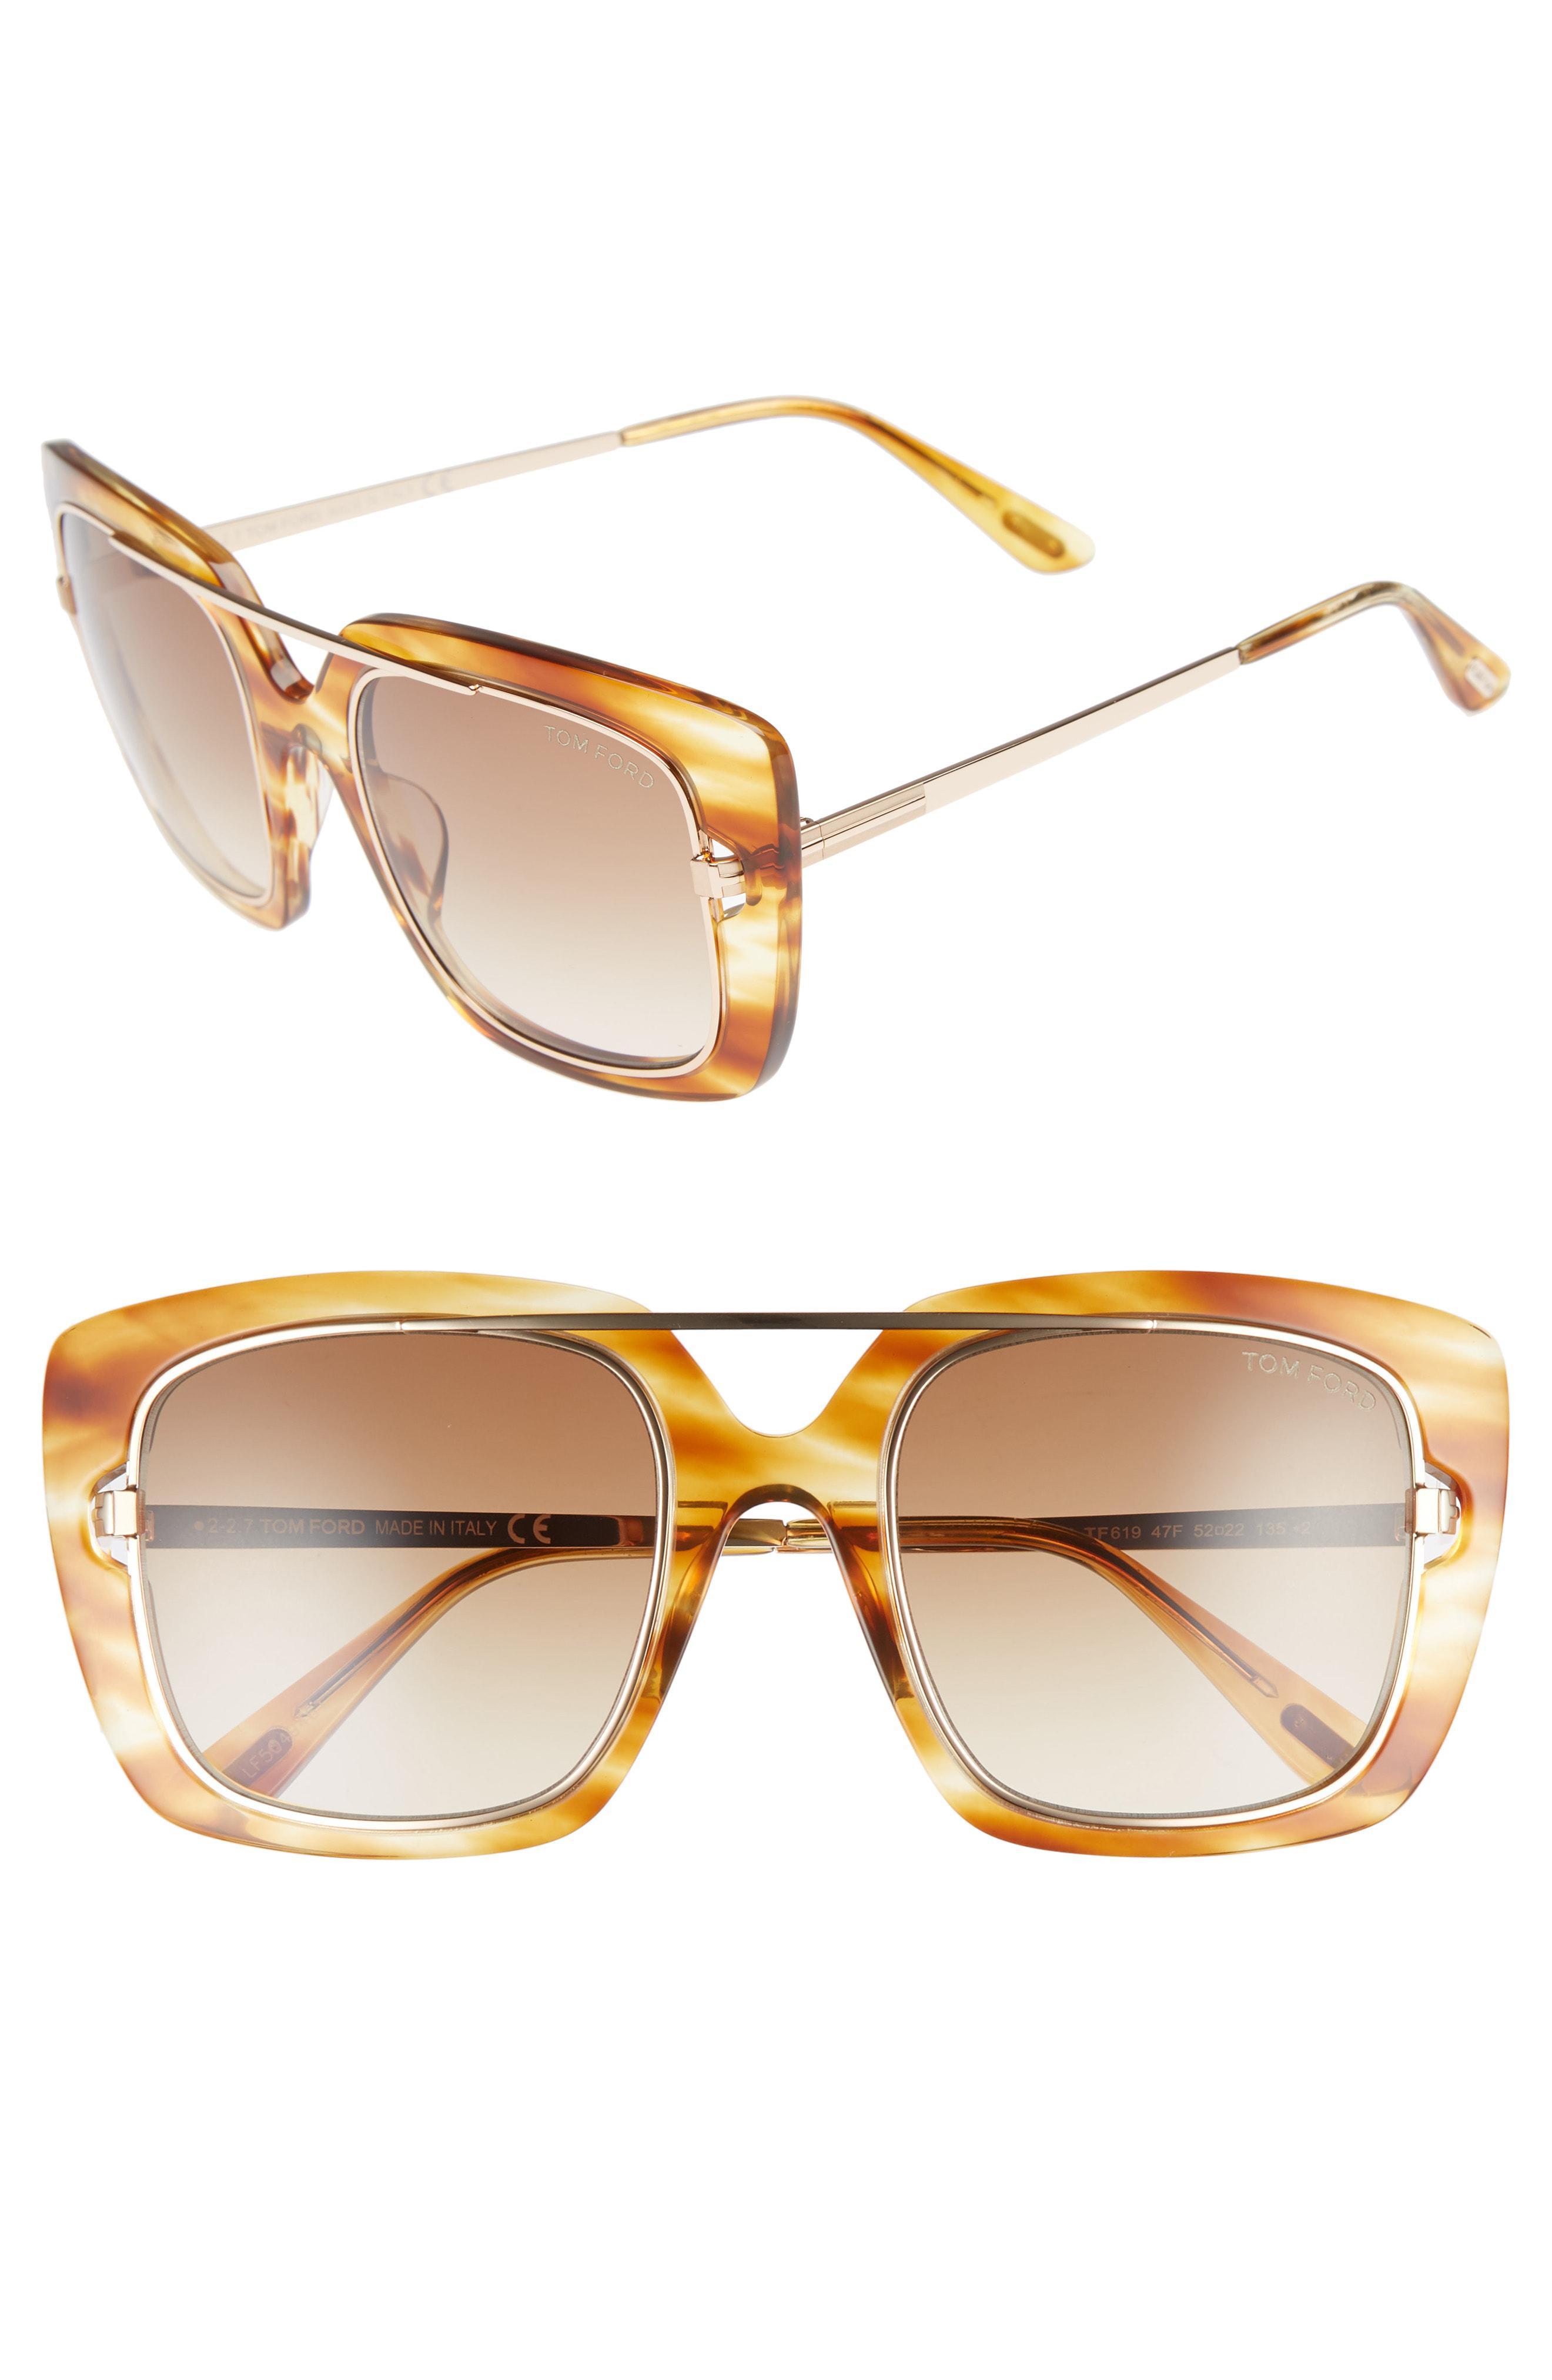 63ecb566aa Tom Ford - Marissa 52mm Sunglasses - Light Brown  Gradient Brown - Lyst.  View fullscreen